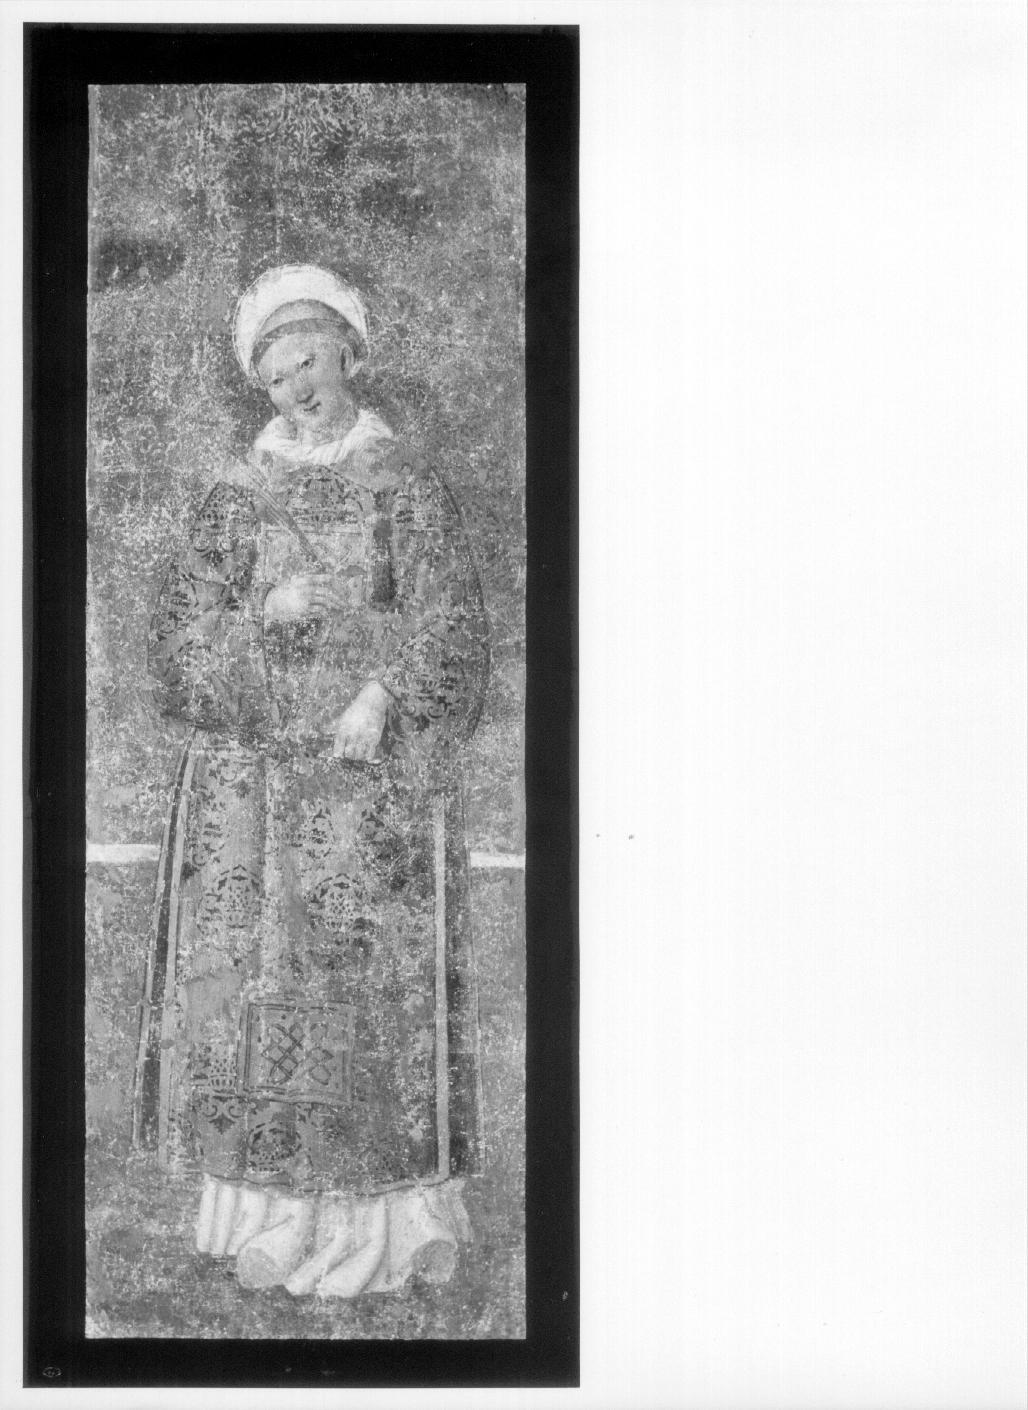 Santo Stefano (dipinto, complesso decorativo) di Giovanni di Pietro detto Spagna (cerchia) (prima metà sec. XVI)